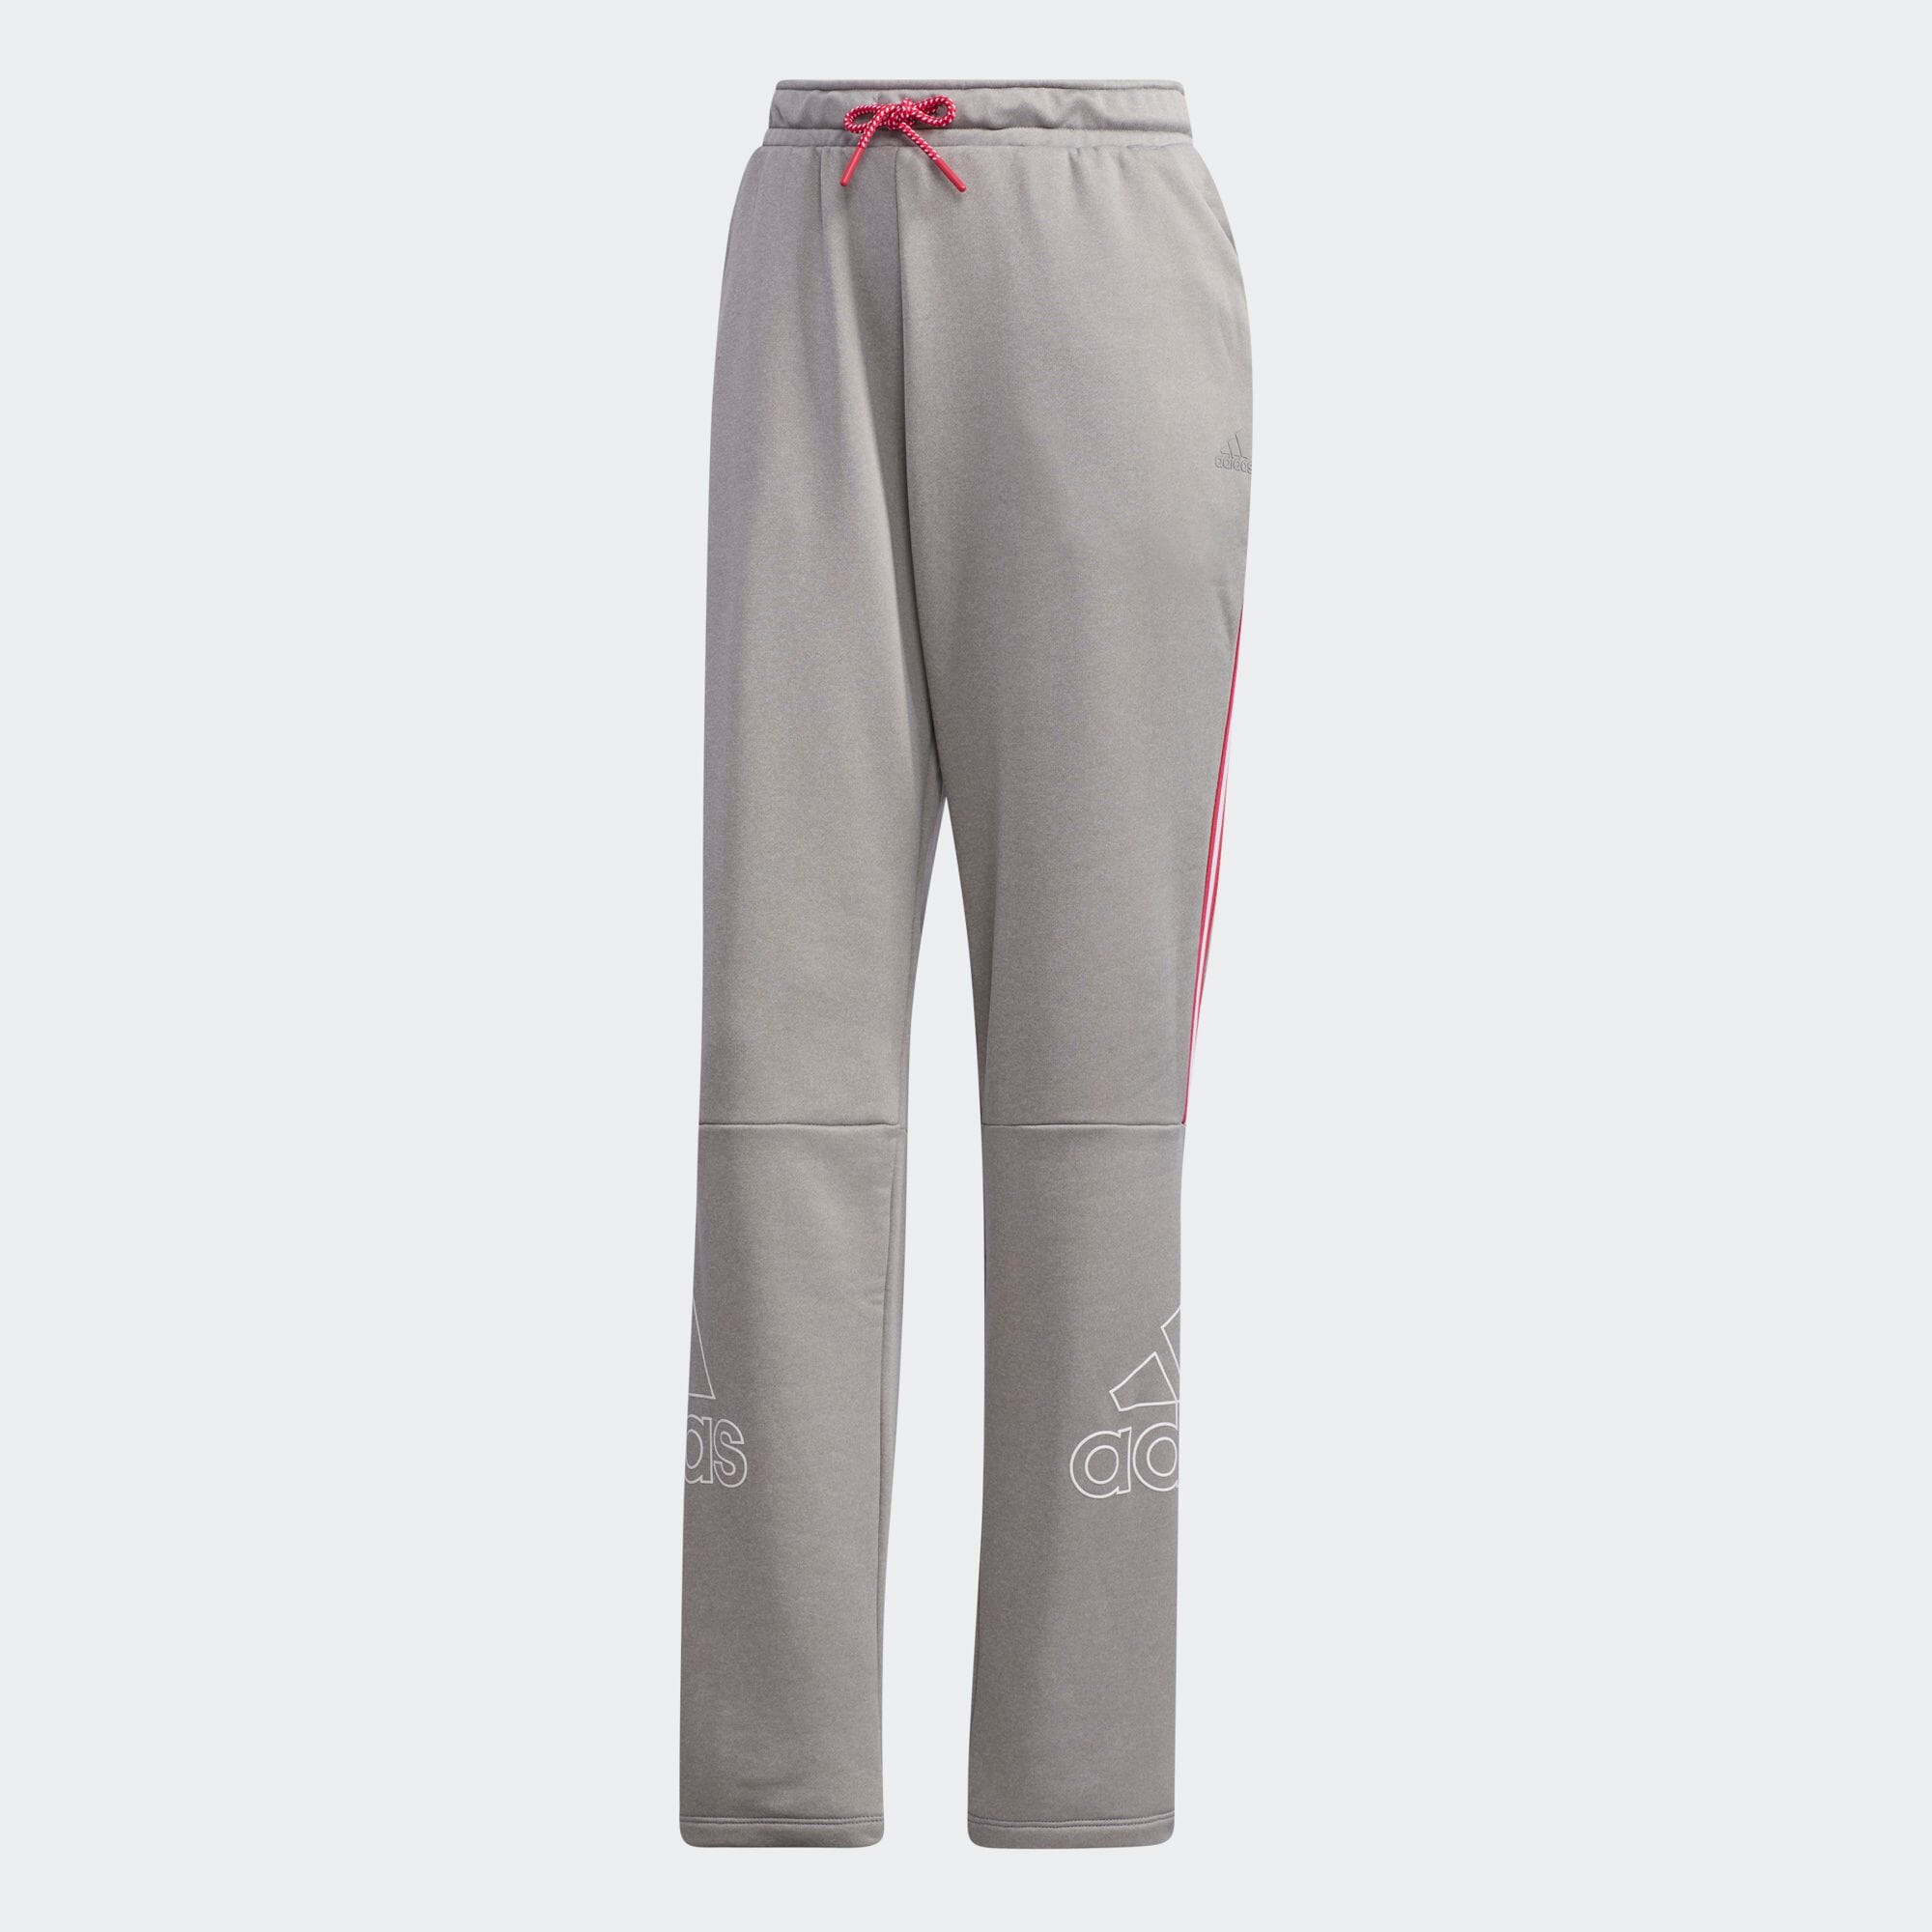 マストハブ バッジ オブ スポーツ スウェットパンツ / Must Haves Badge of Sport Sweat Pants